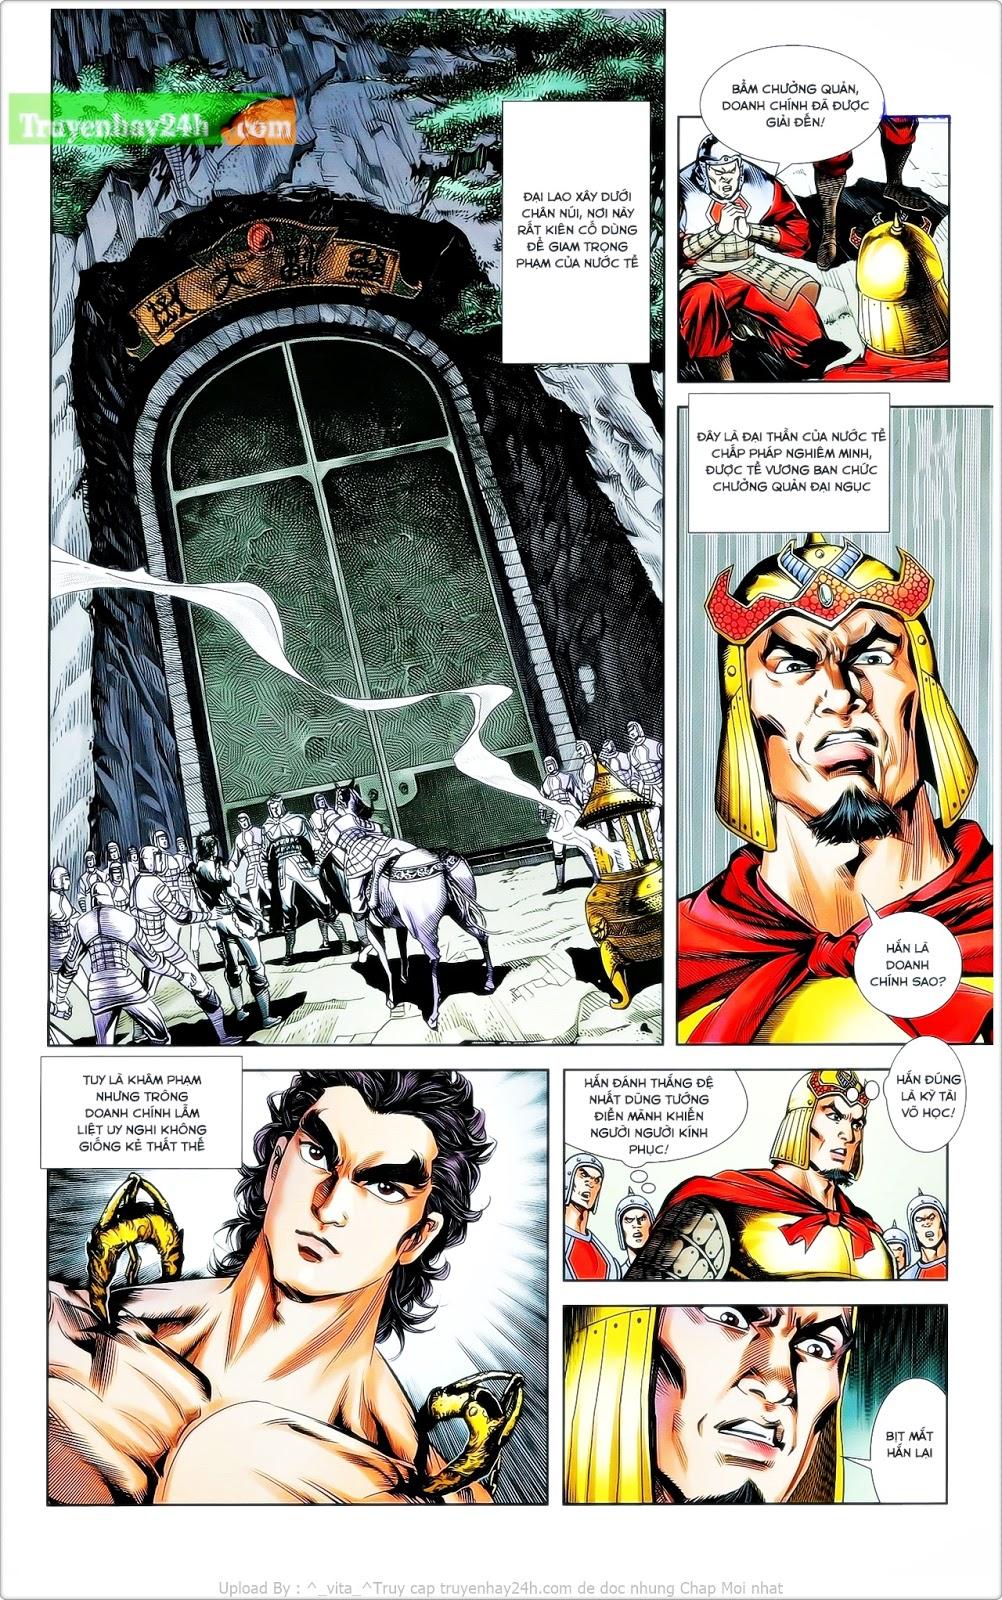 Tần Vương Doanh Chính chapter 24 trang 17